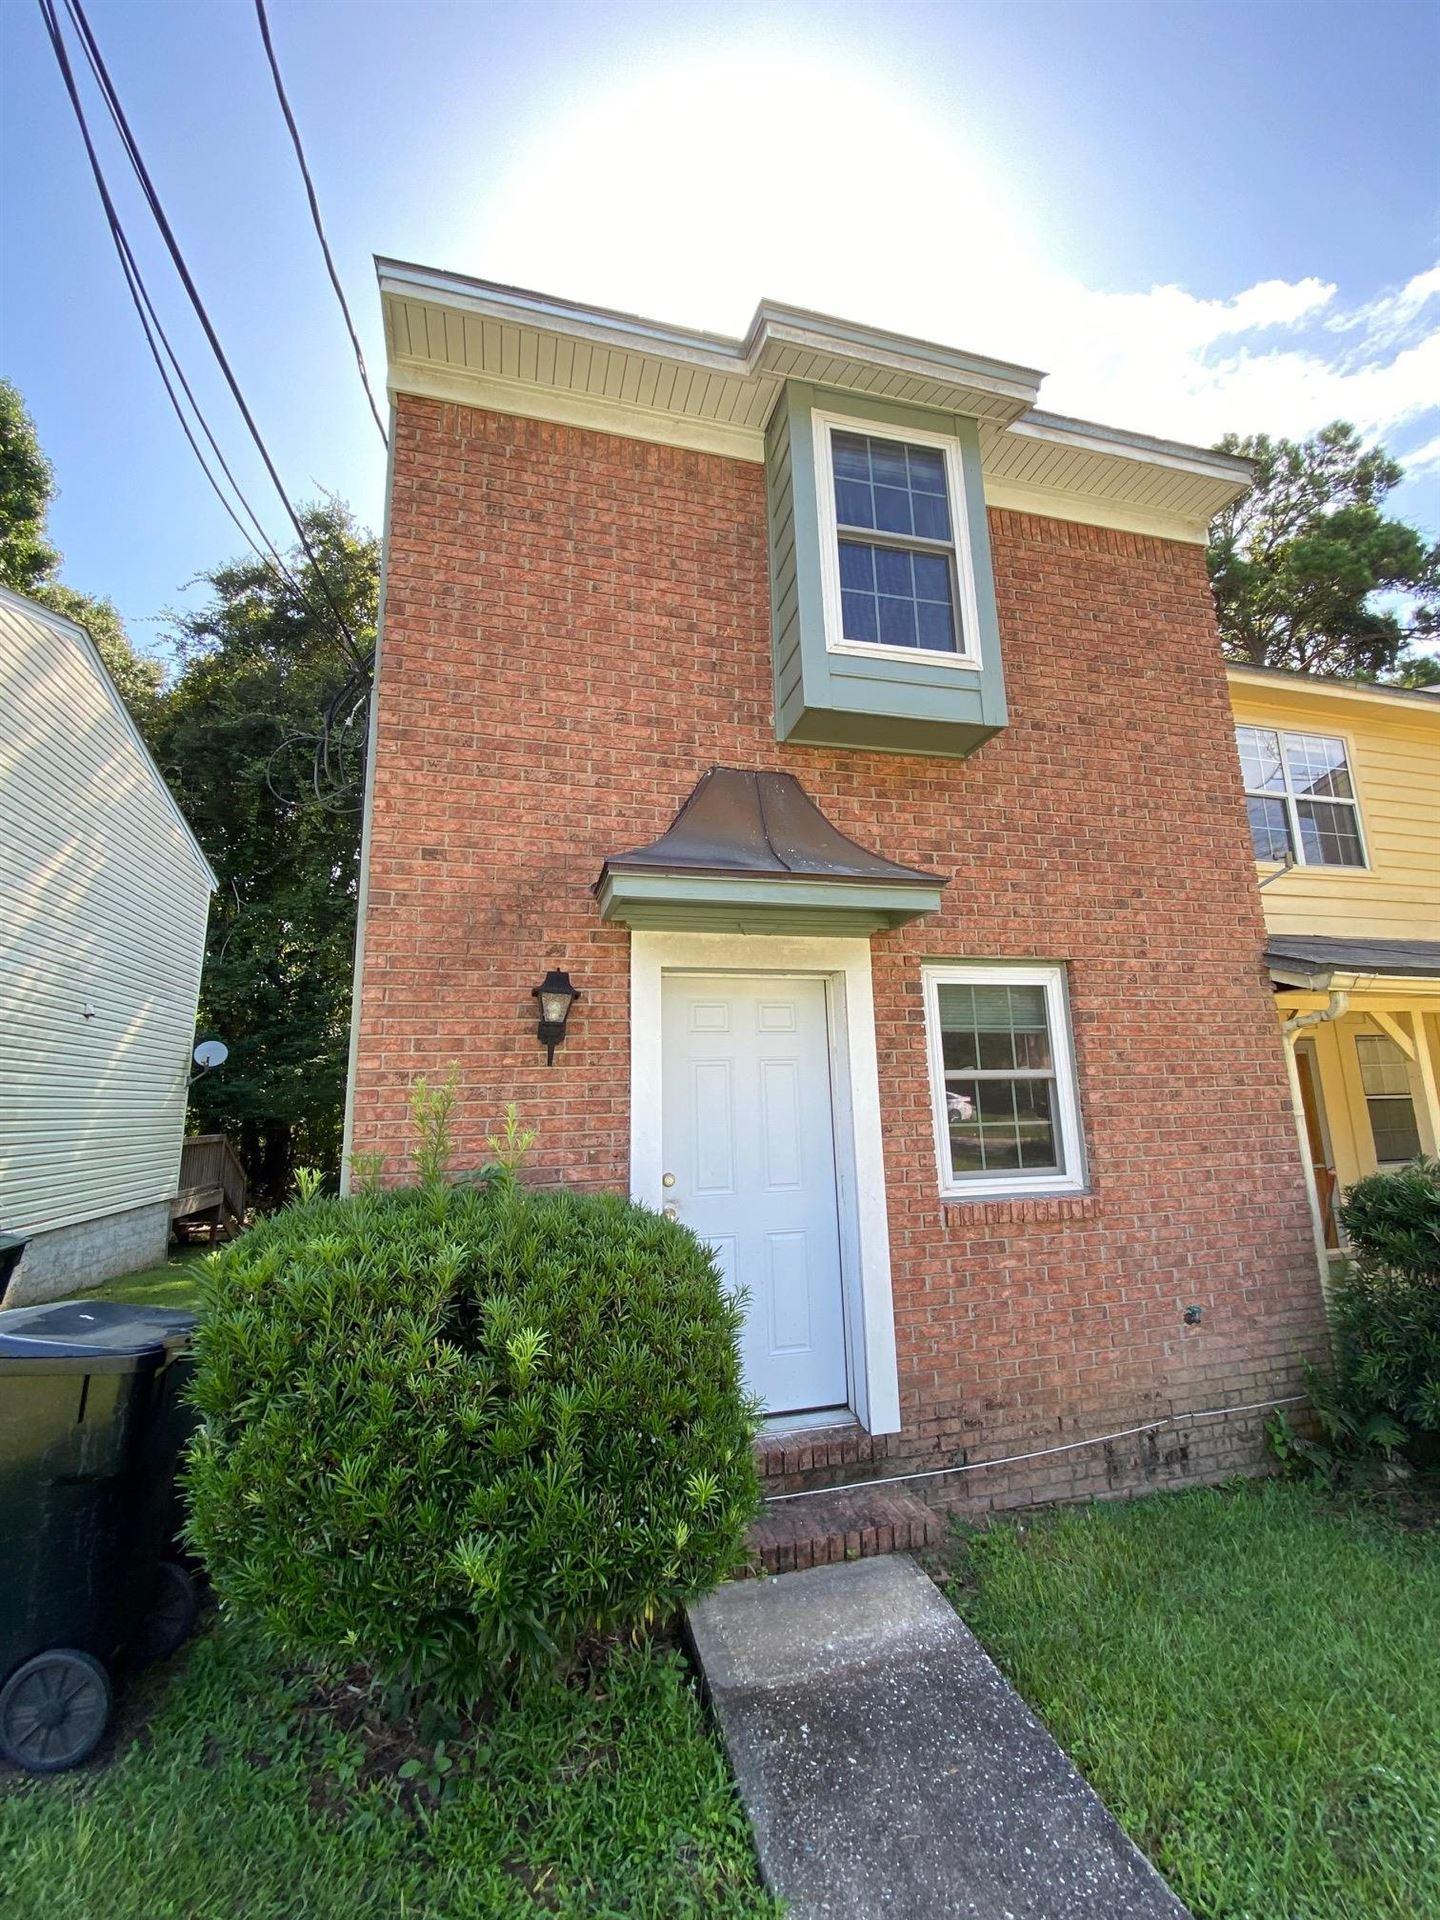 Photo of 1571 Jacks Drive #A, TALLAHASSEE, FL 32301 (MLS # 337312)